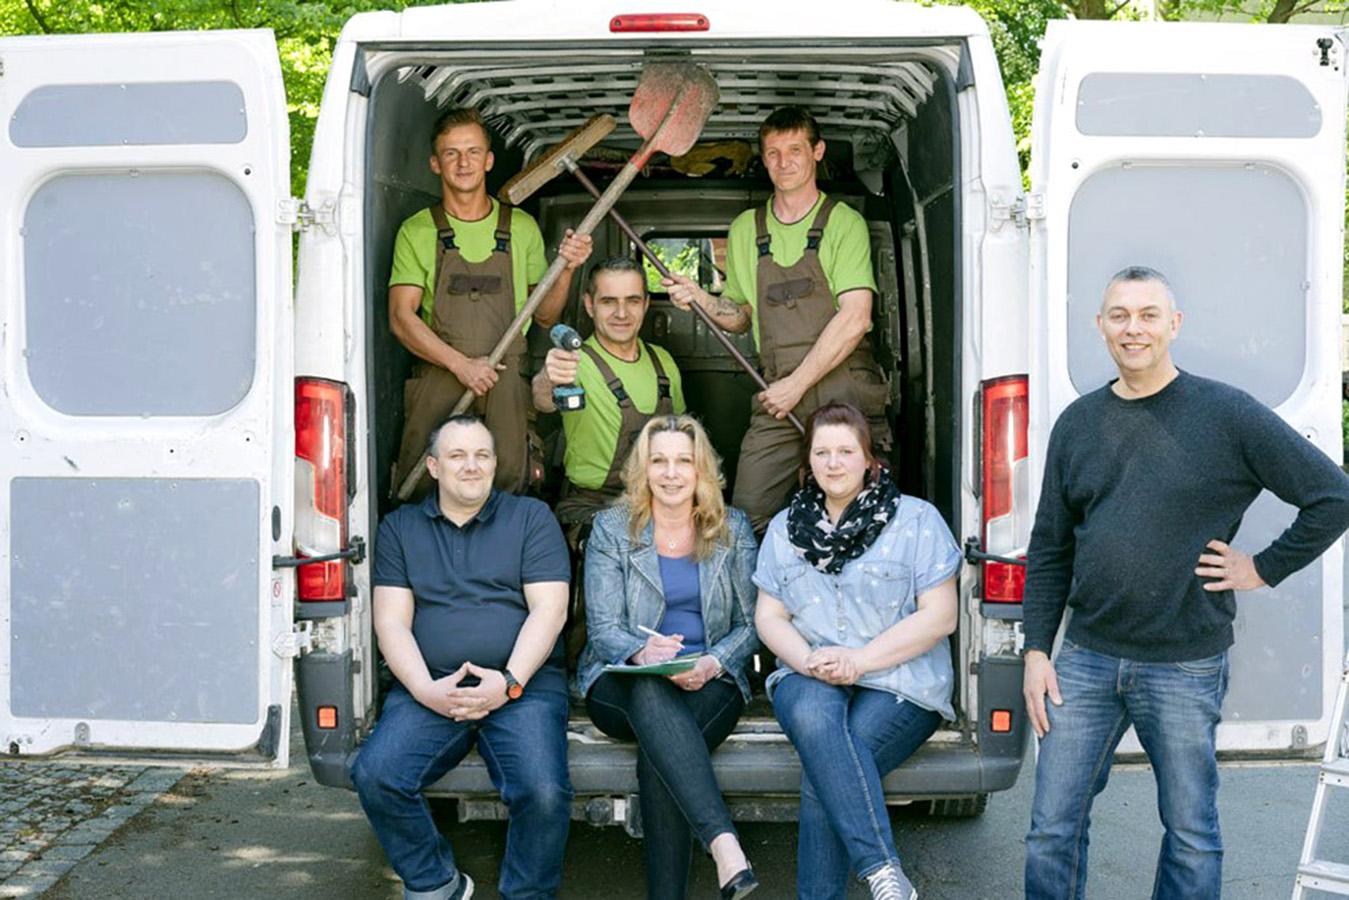 Teambild der Mitarbeiter der Rumpellotte - Ihr Partner für Haushaltsauflösungen, Entrümpelungen und Co. in NRW!